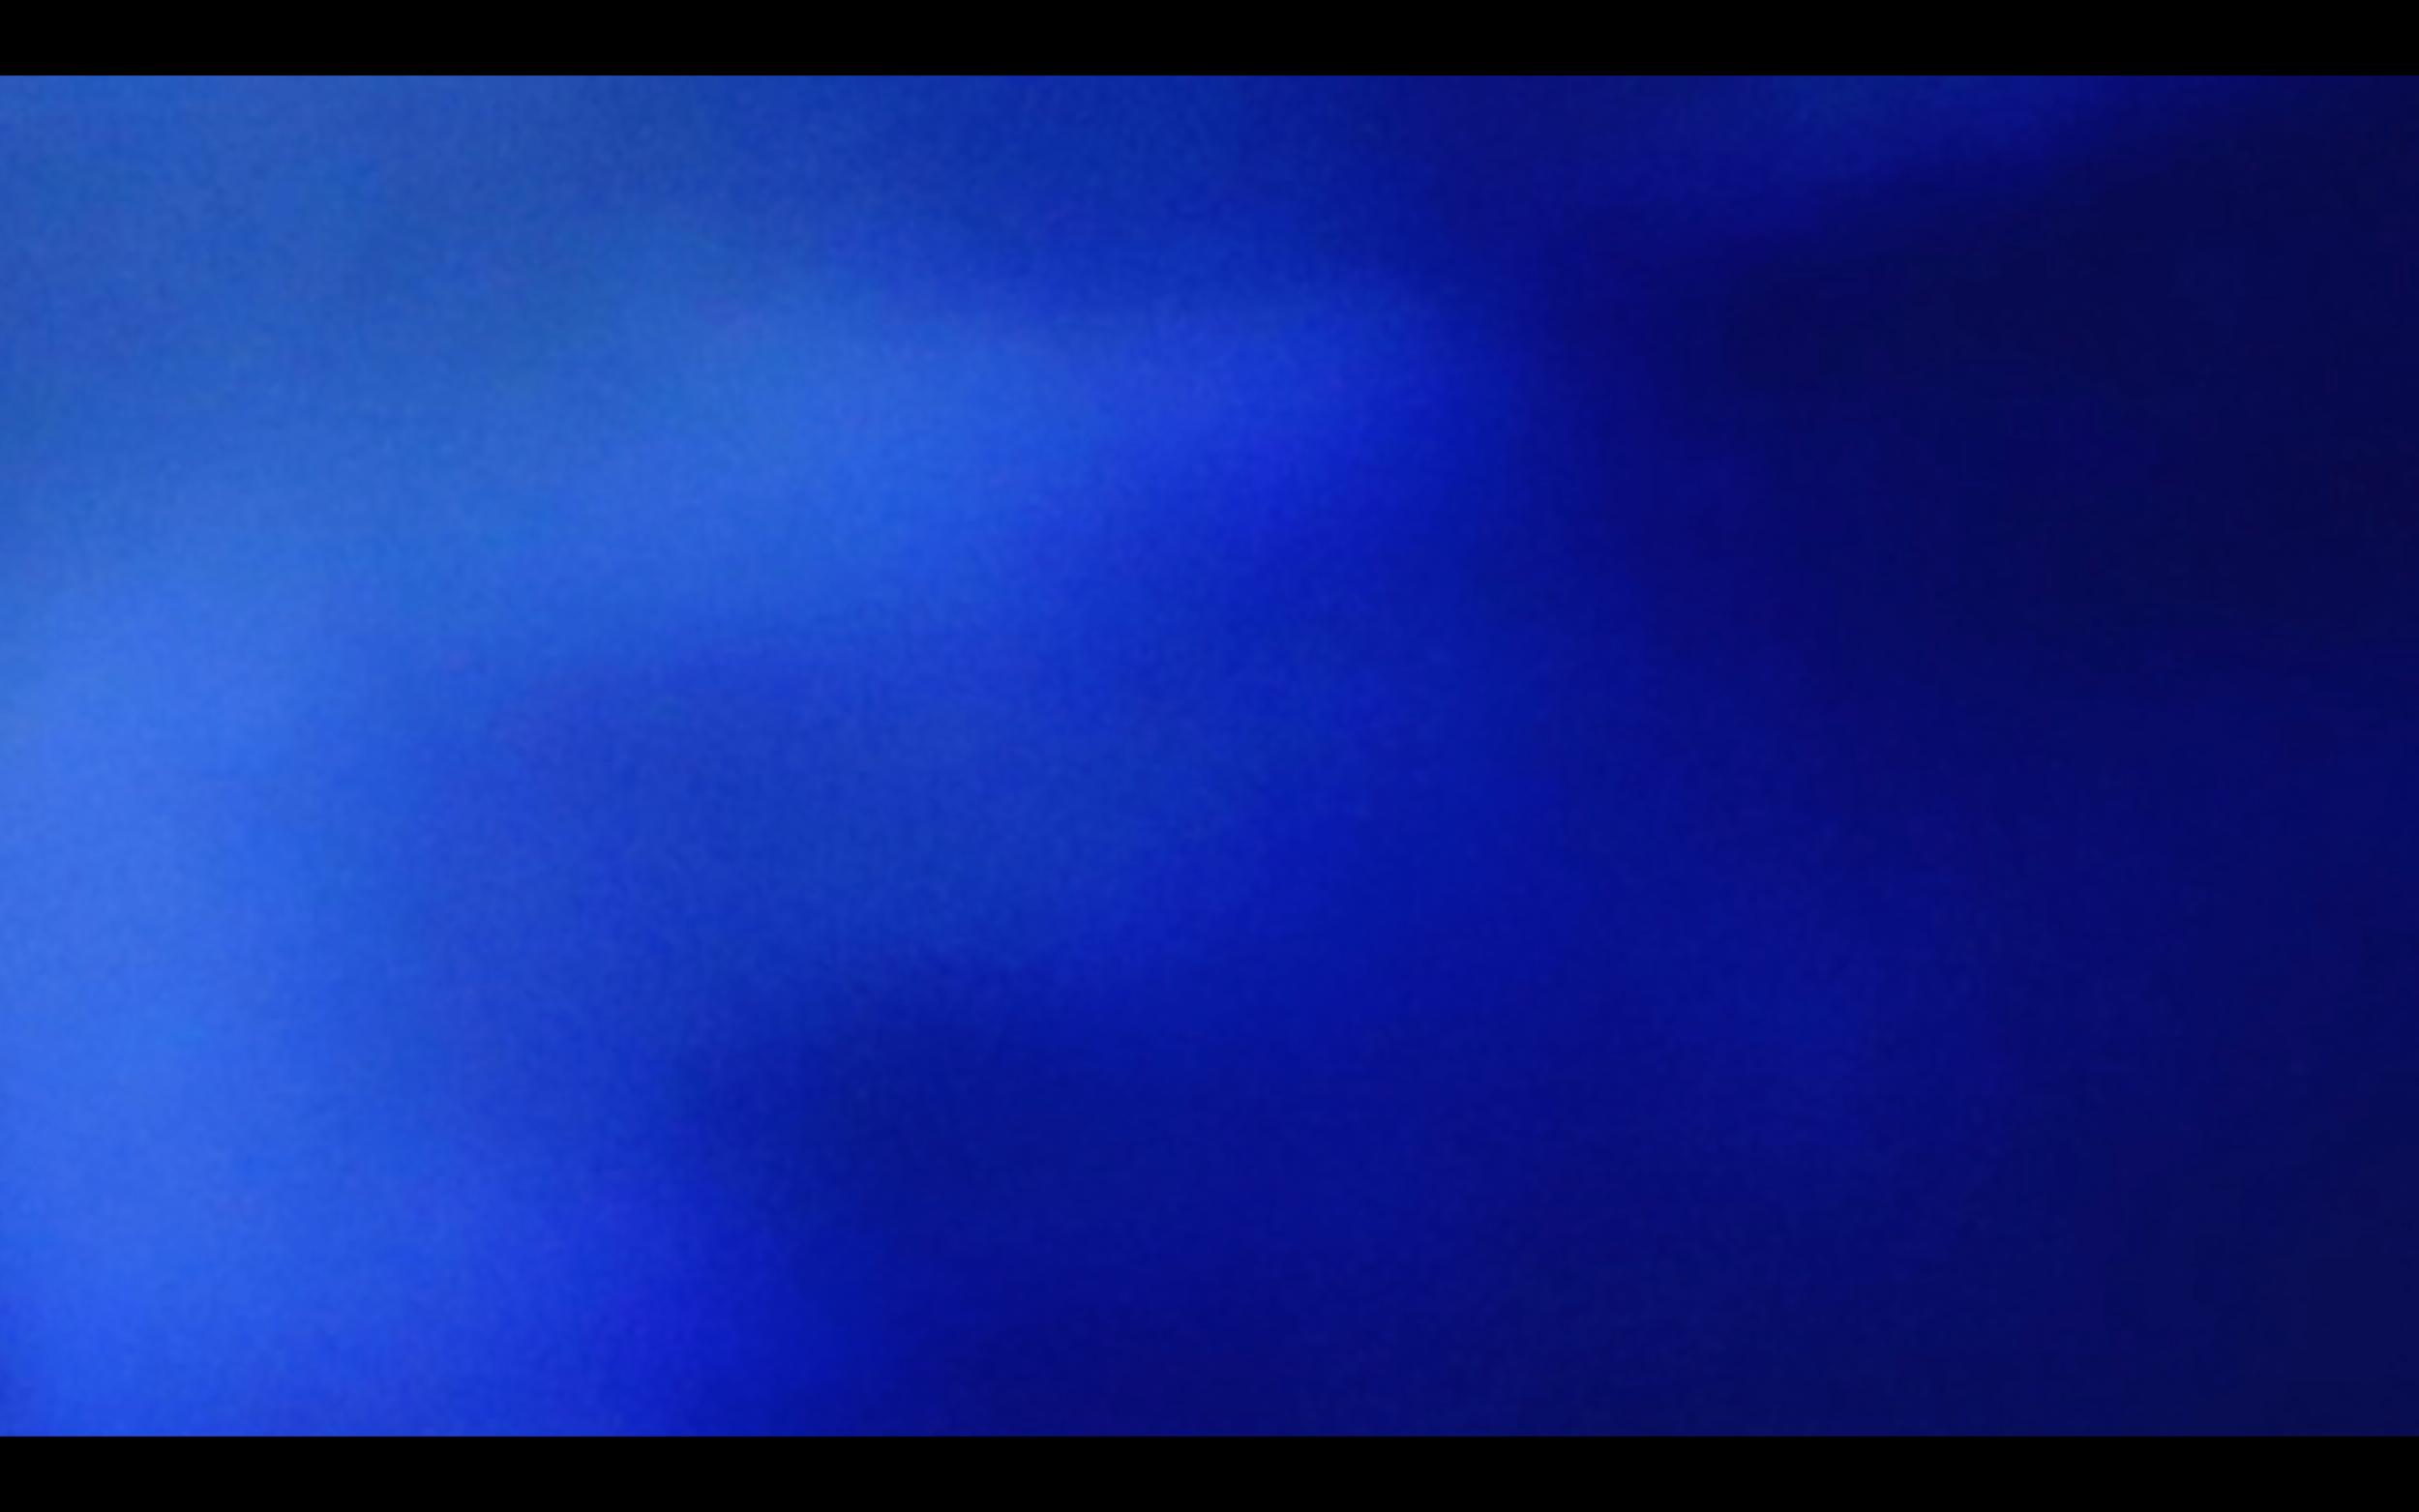 Screen Shot 2018-11-22 at 12.00.05.png